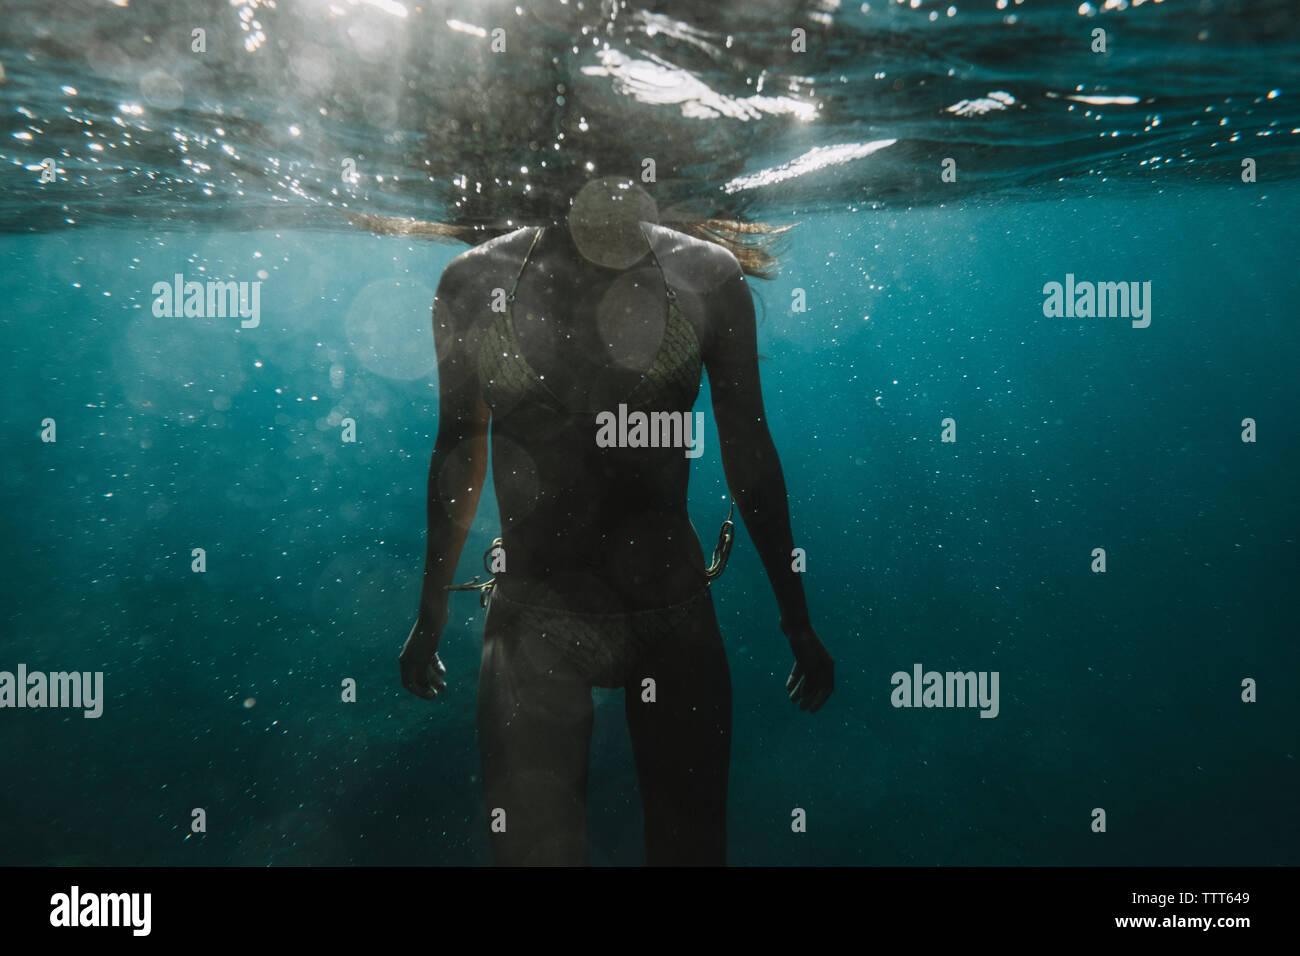 Dramatische teilweise unter Wasser Blick auf eine Frau im Bikini Stockfoto